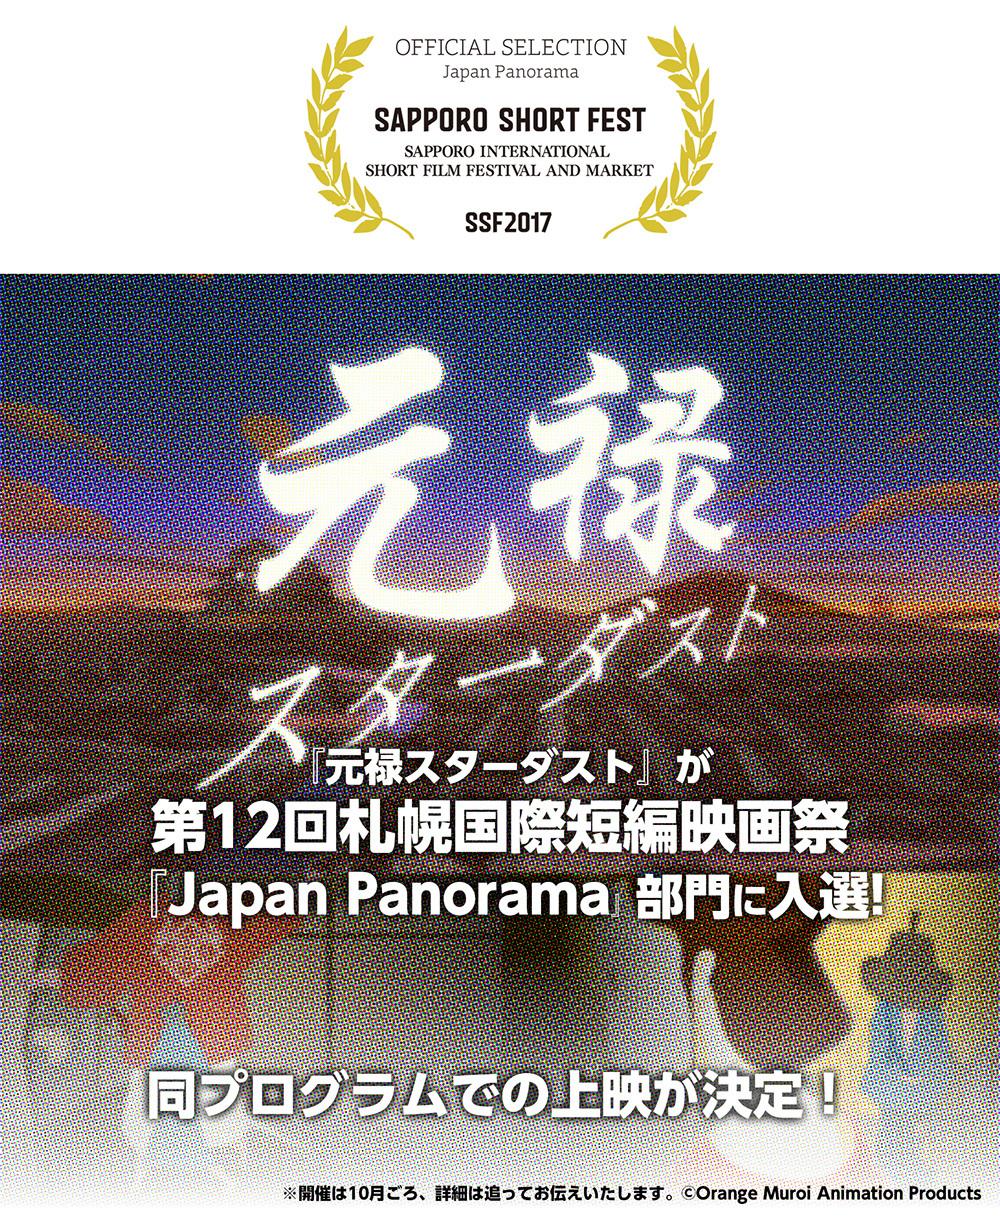 『元禄スターダスト』が札幌国際短編映画祭に入選いたしました!